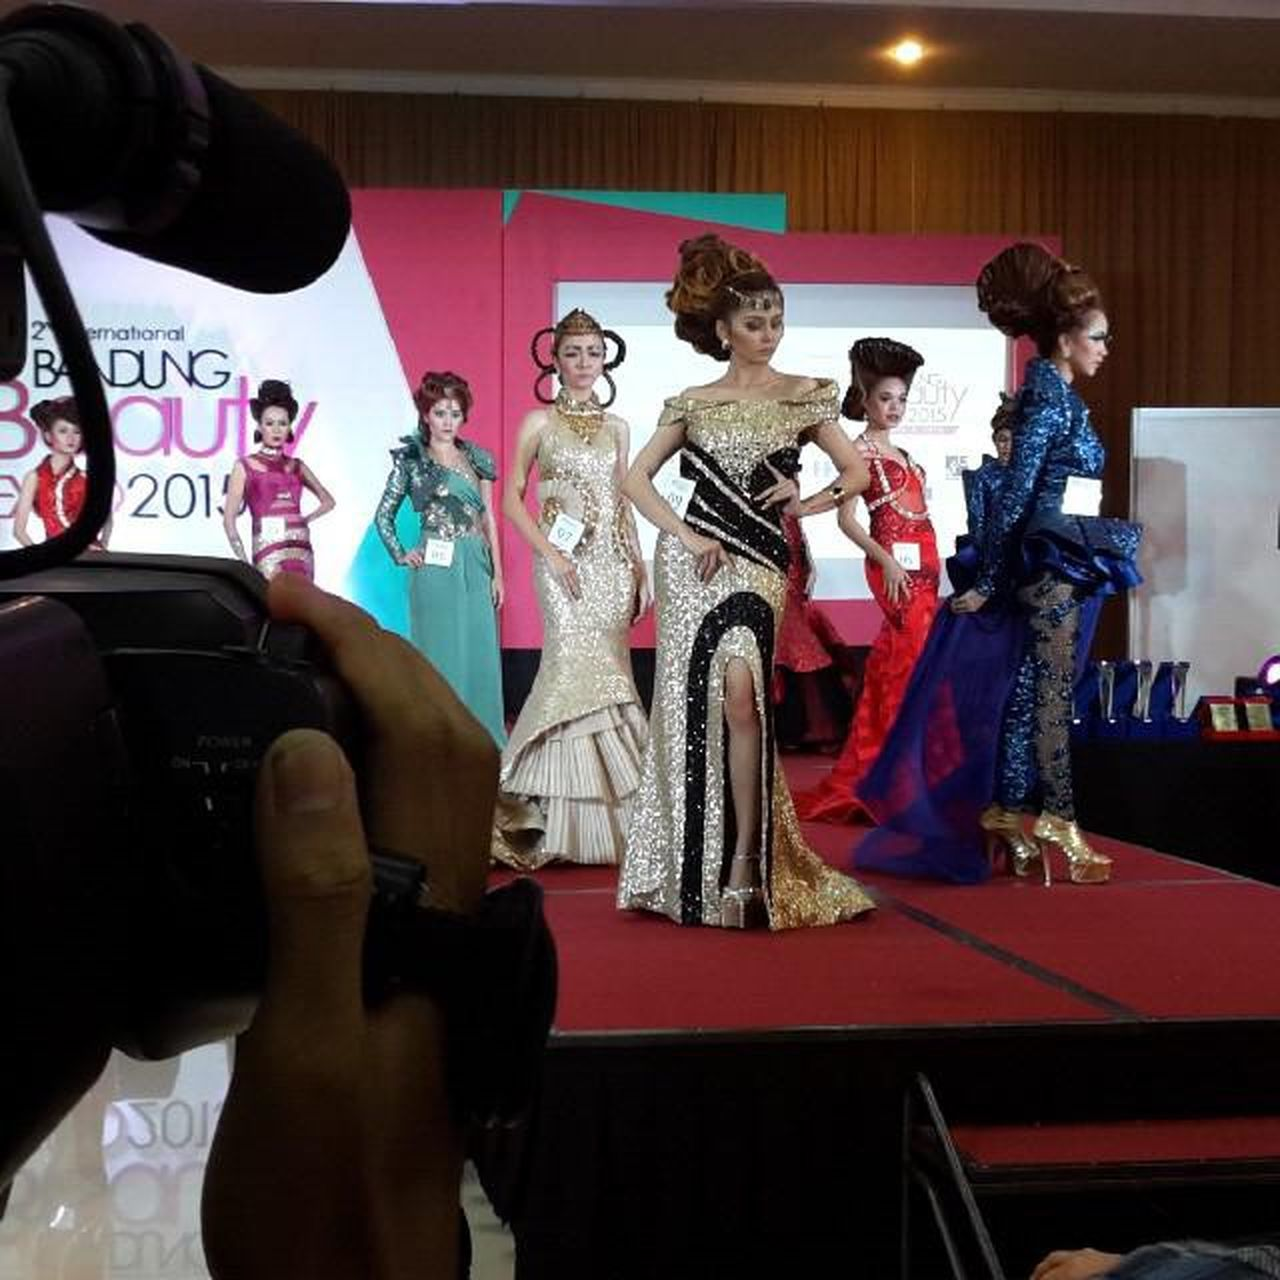 Graduation Day Rudy Hadisuwarno School di Bandung Beauty Expo 2015 Televisinet INDONESIA Bandung EventBandung Event Indonettv Rudyhadisuwarno Fashion Fashionshow Parade